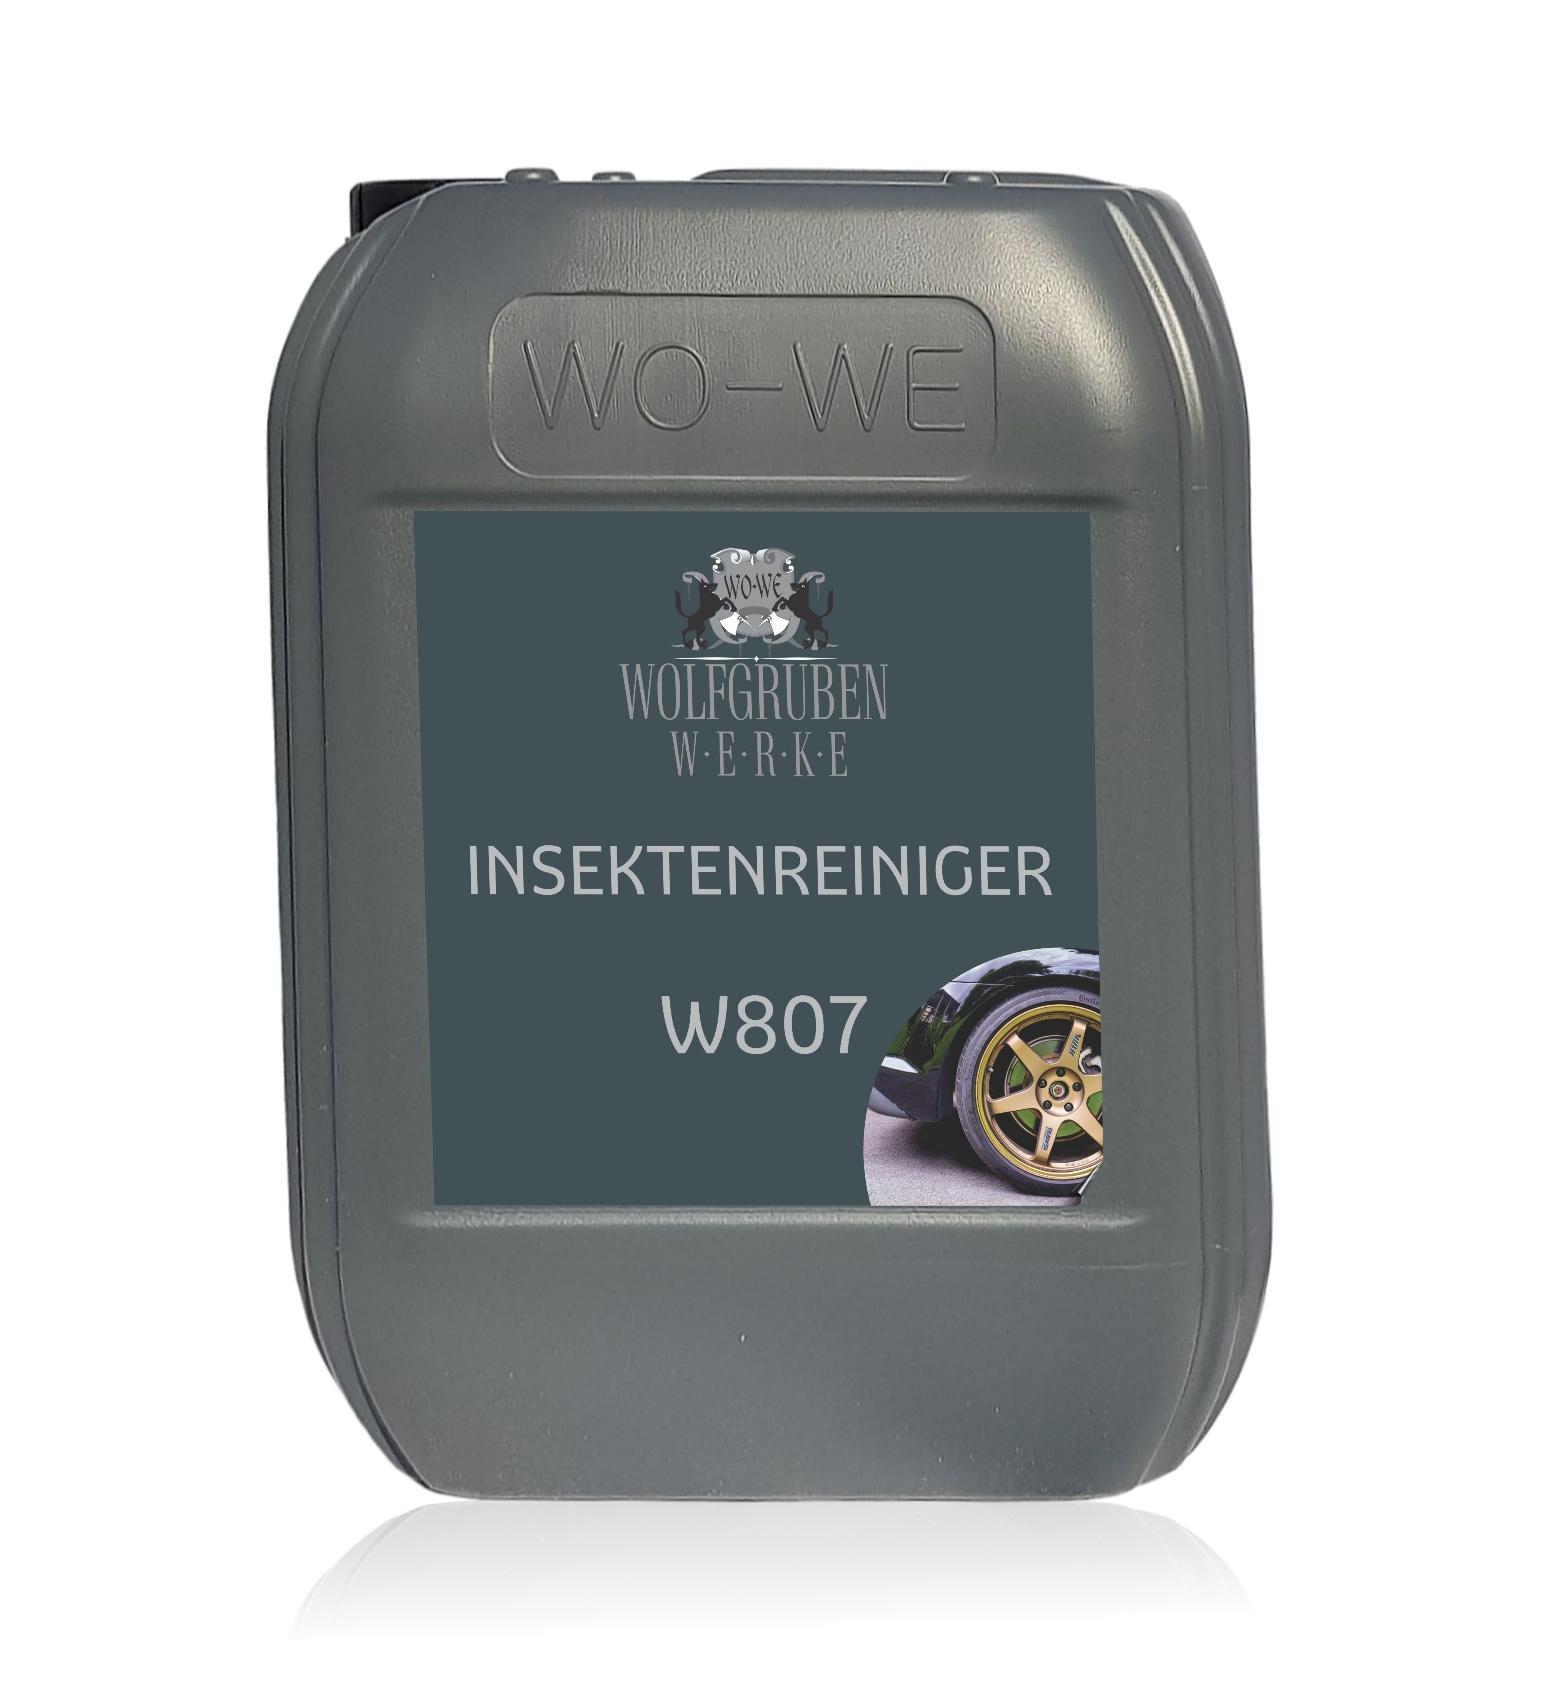 W807.jpg?dl=0